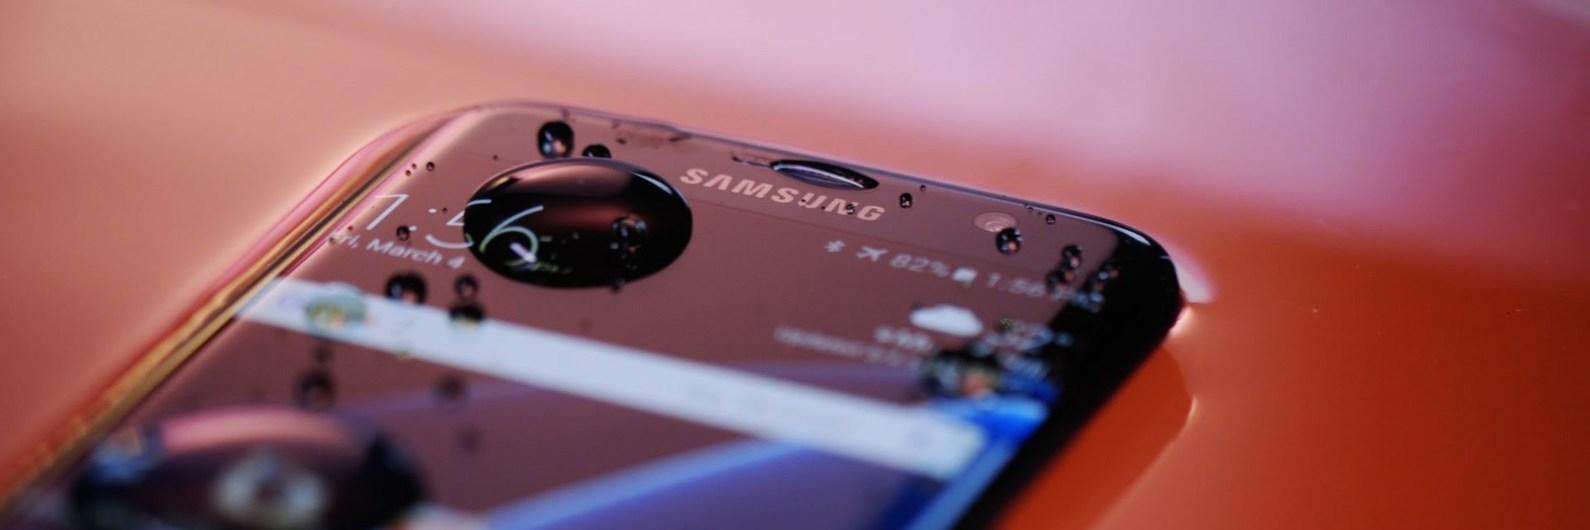 Samsung lança novo S7 Edge em homenagem ao falecido Note 7